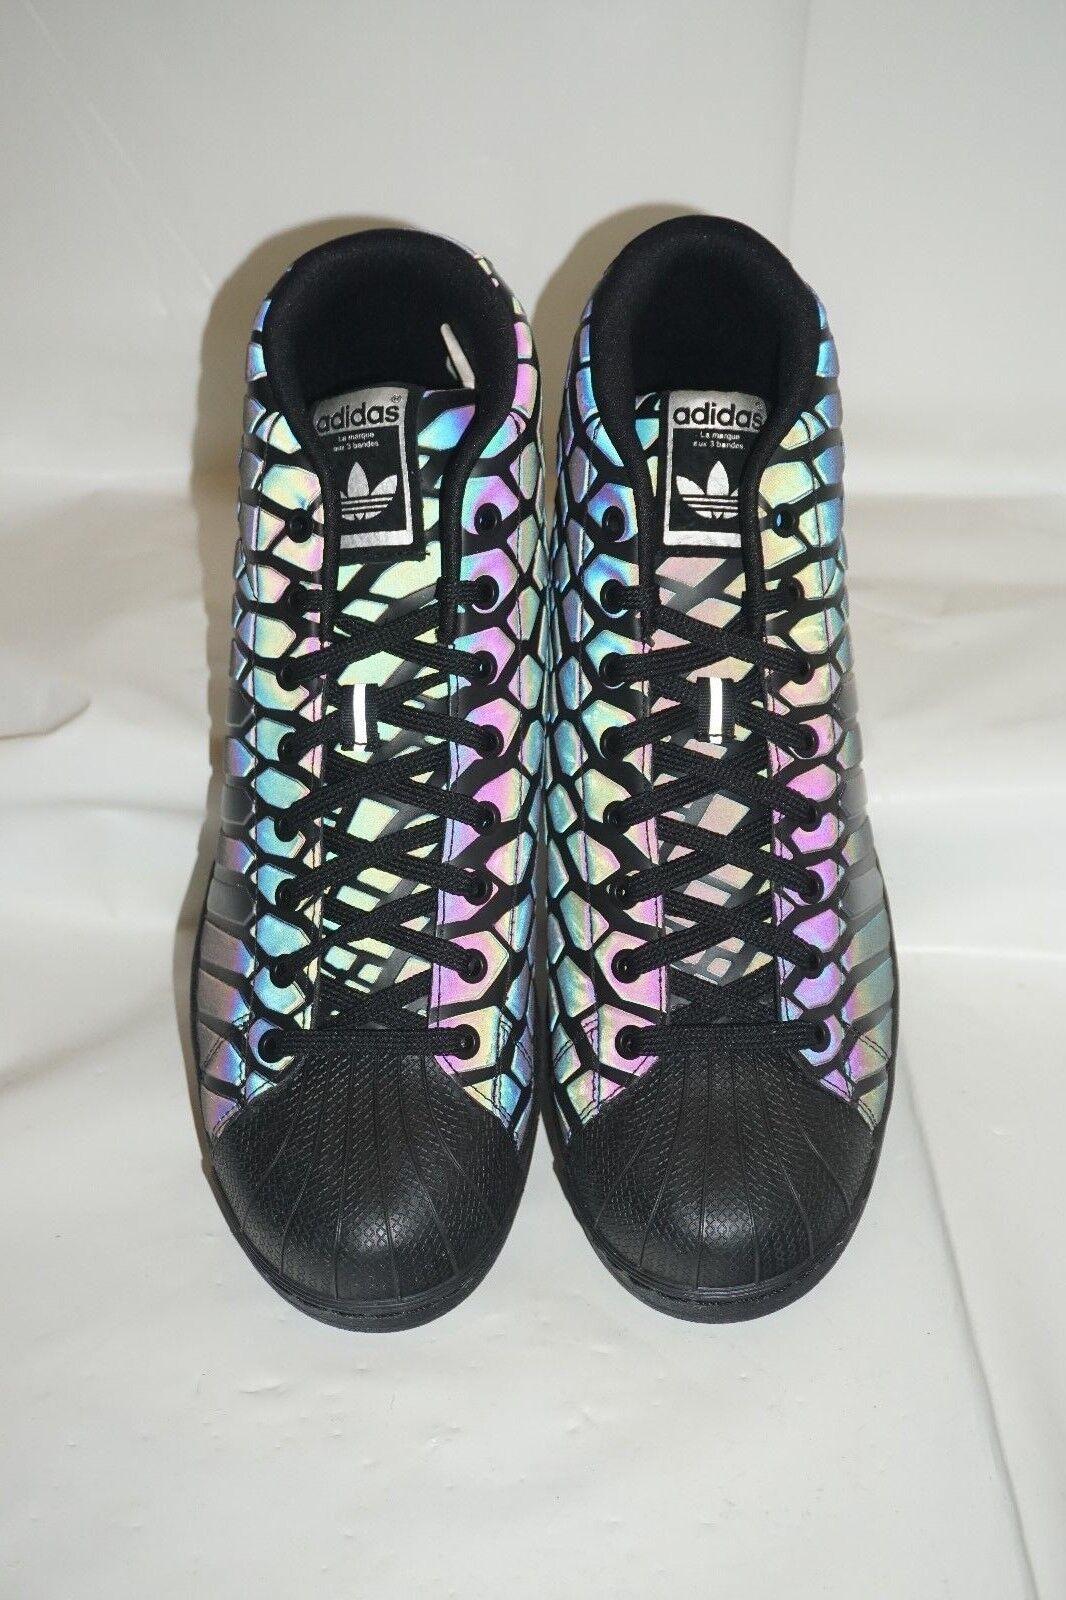 9169b23cfe77e Men s Adidas Model Supplier Colour - Size 10.5 US Pro shoes nsqltq8586-Athletic  Shoes